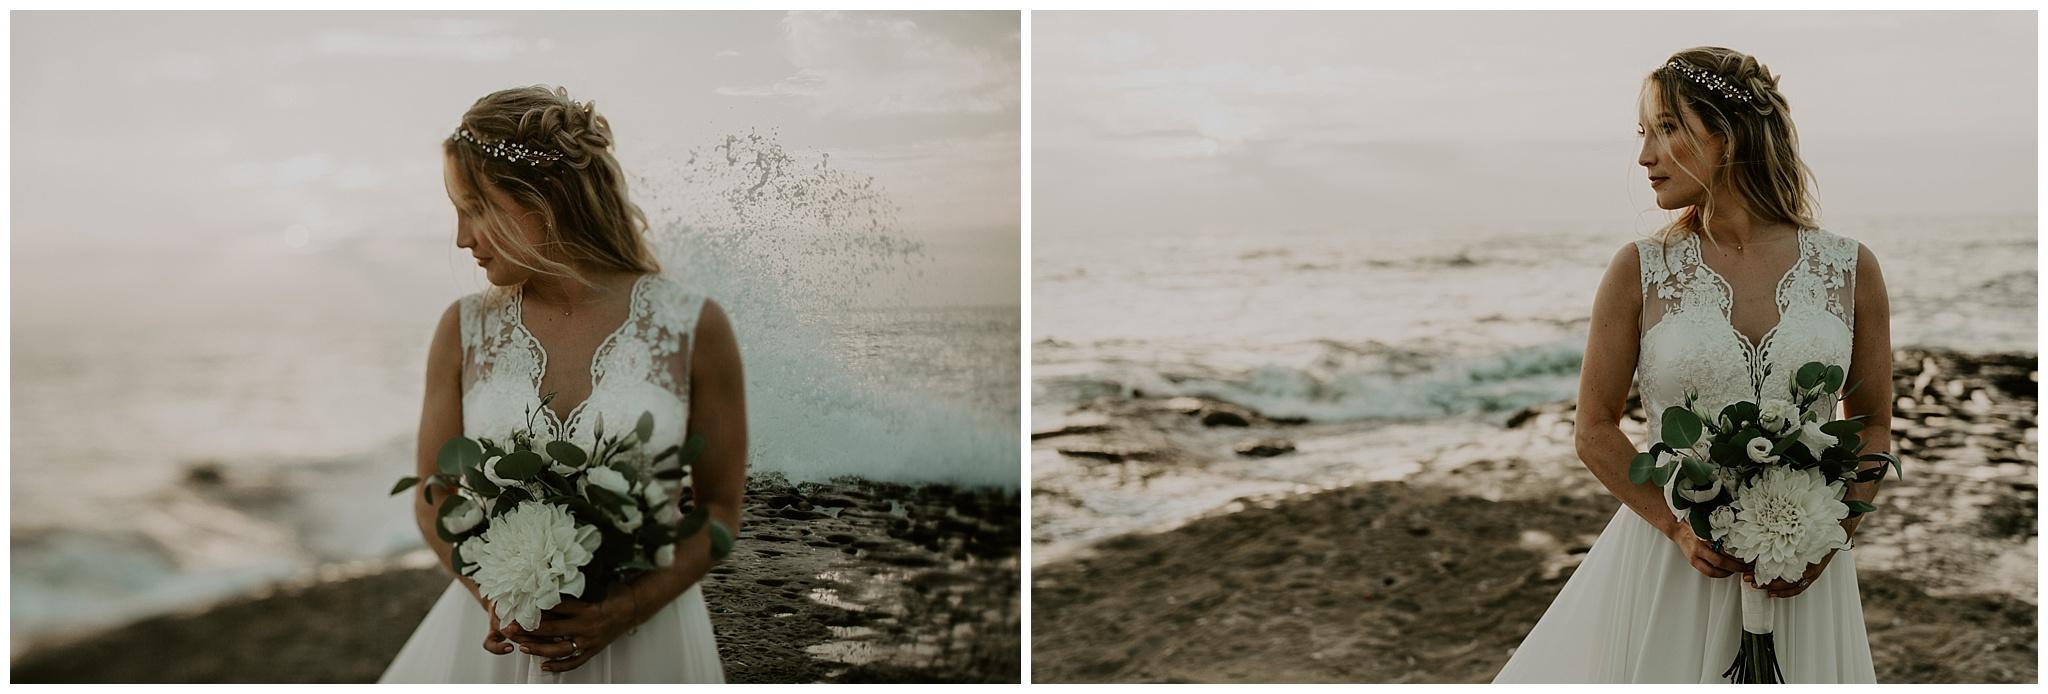 kauai bride style